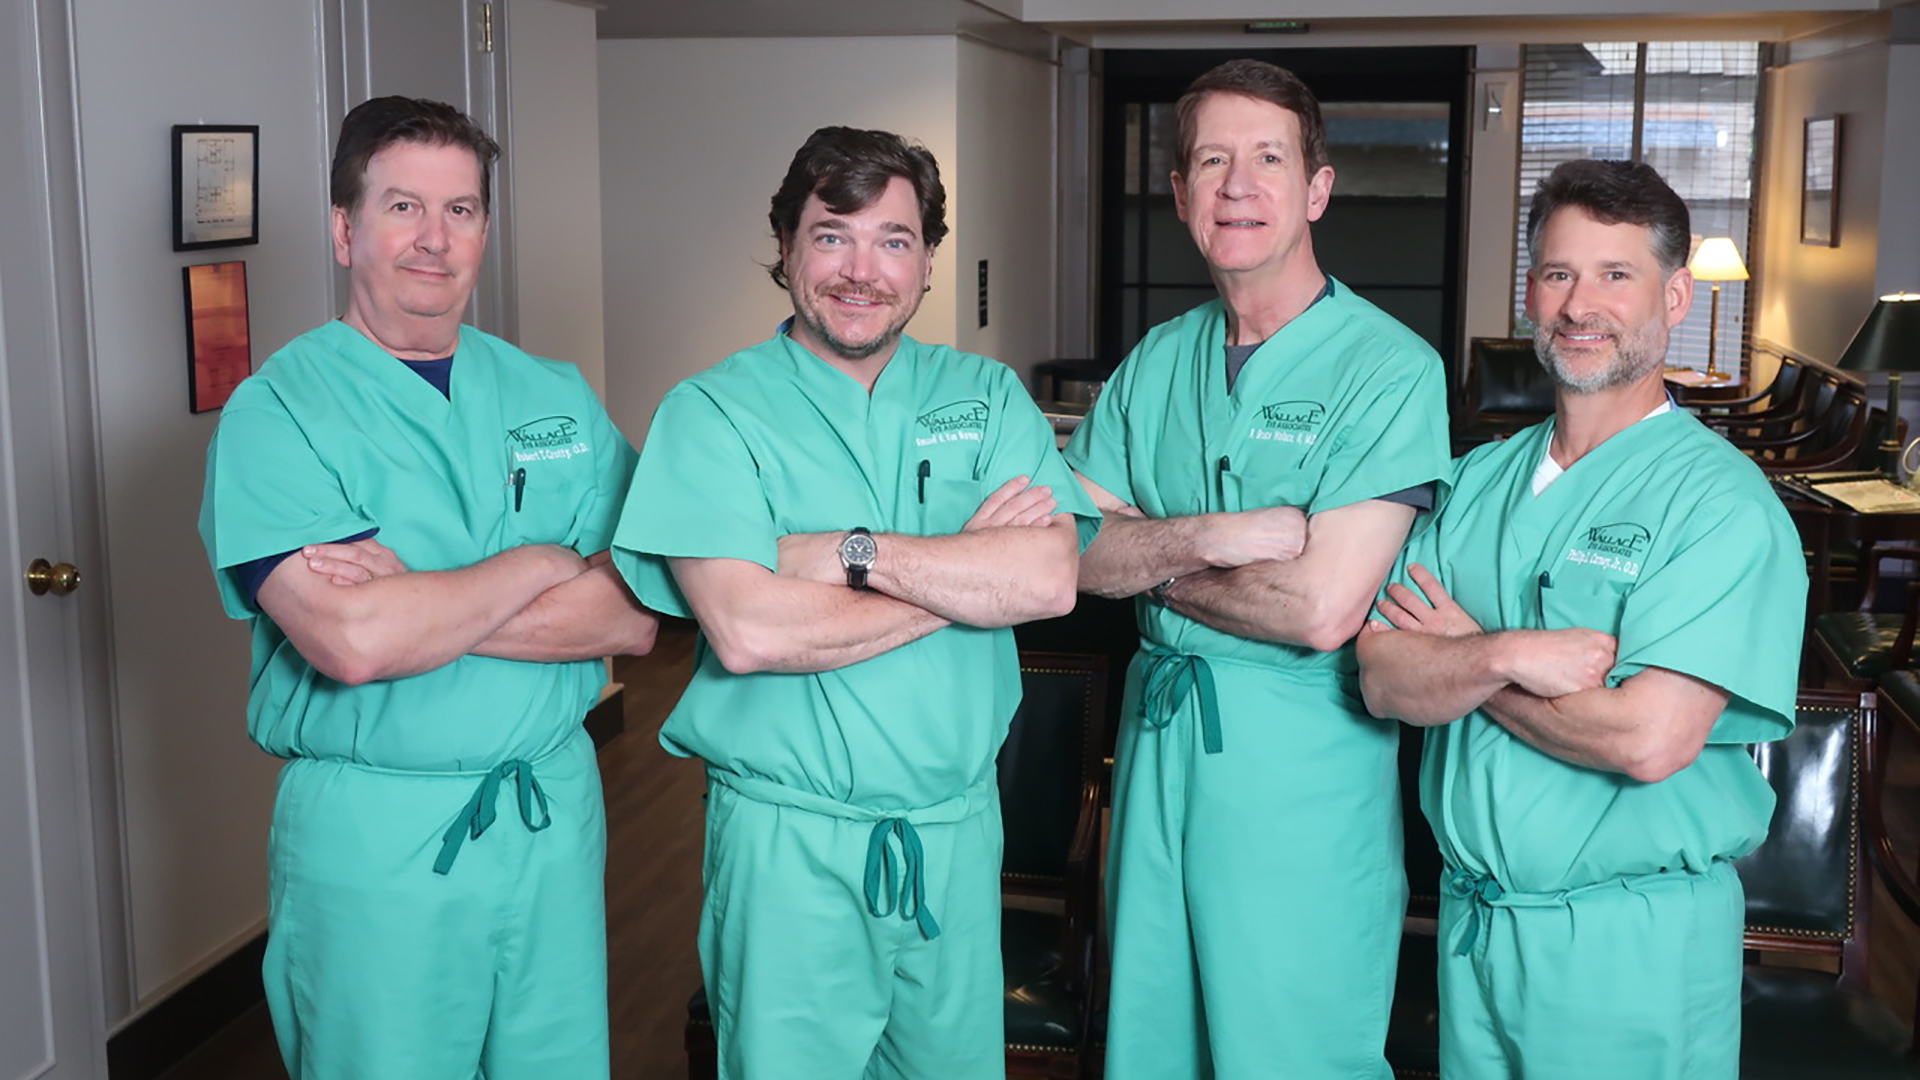 doctors photo 2018